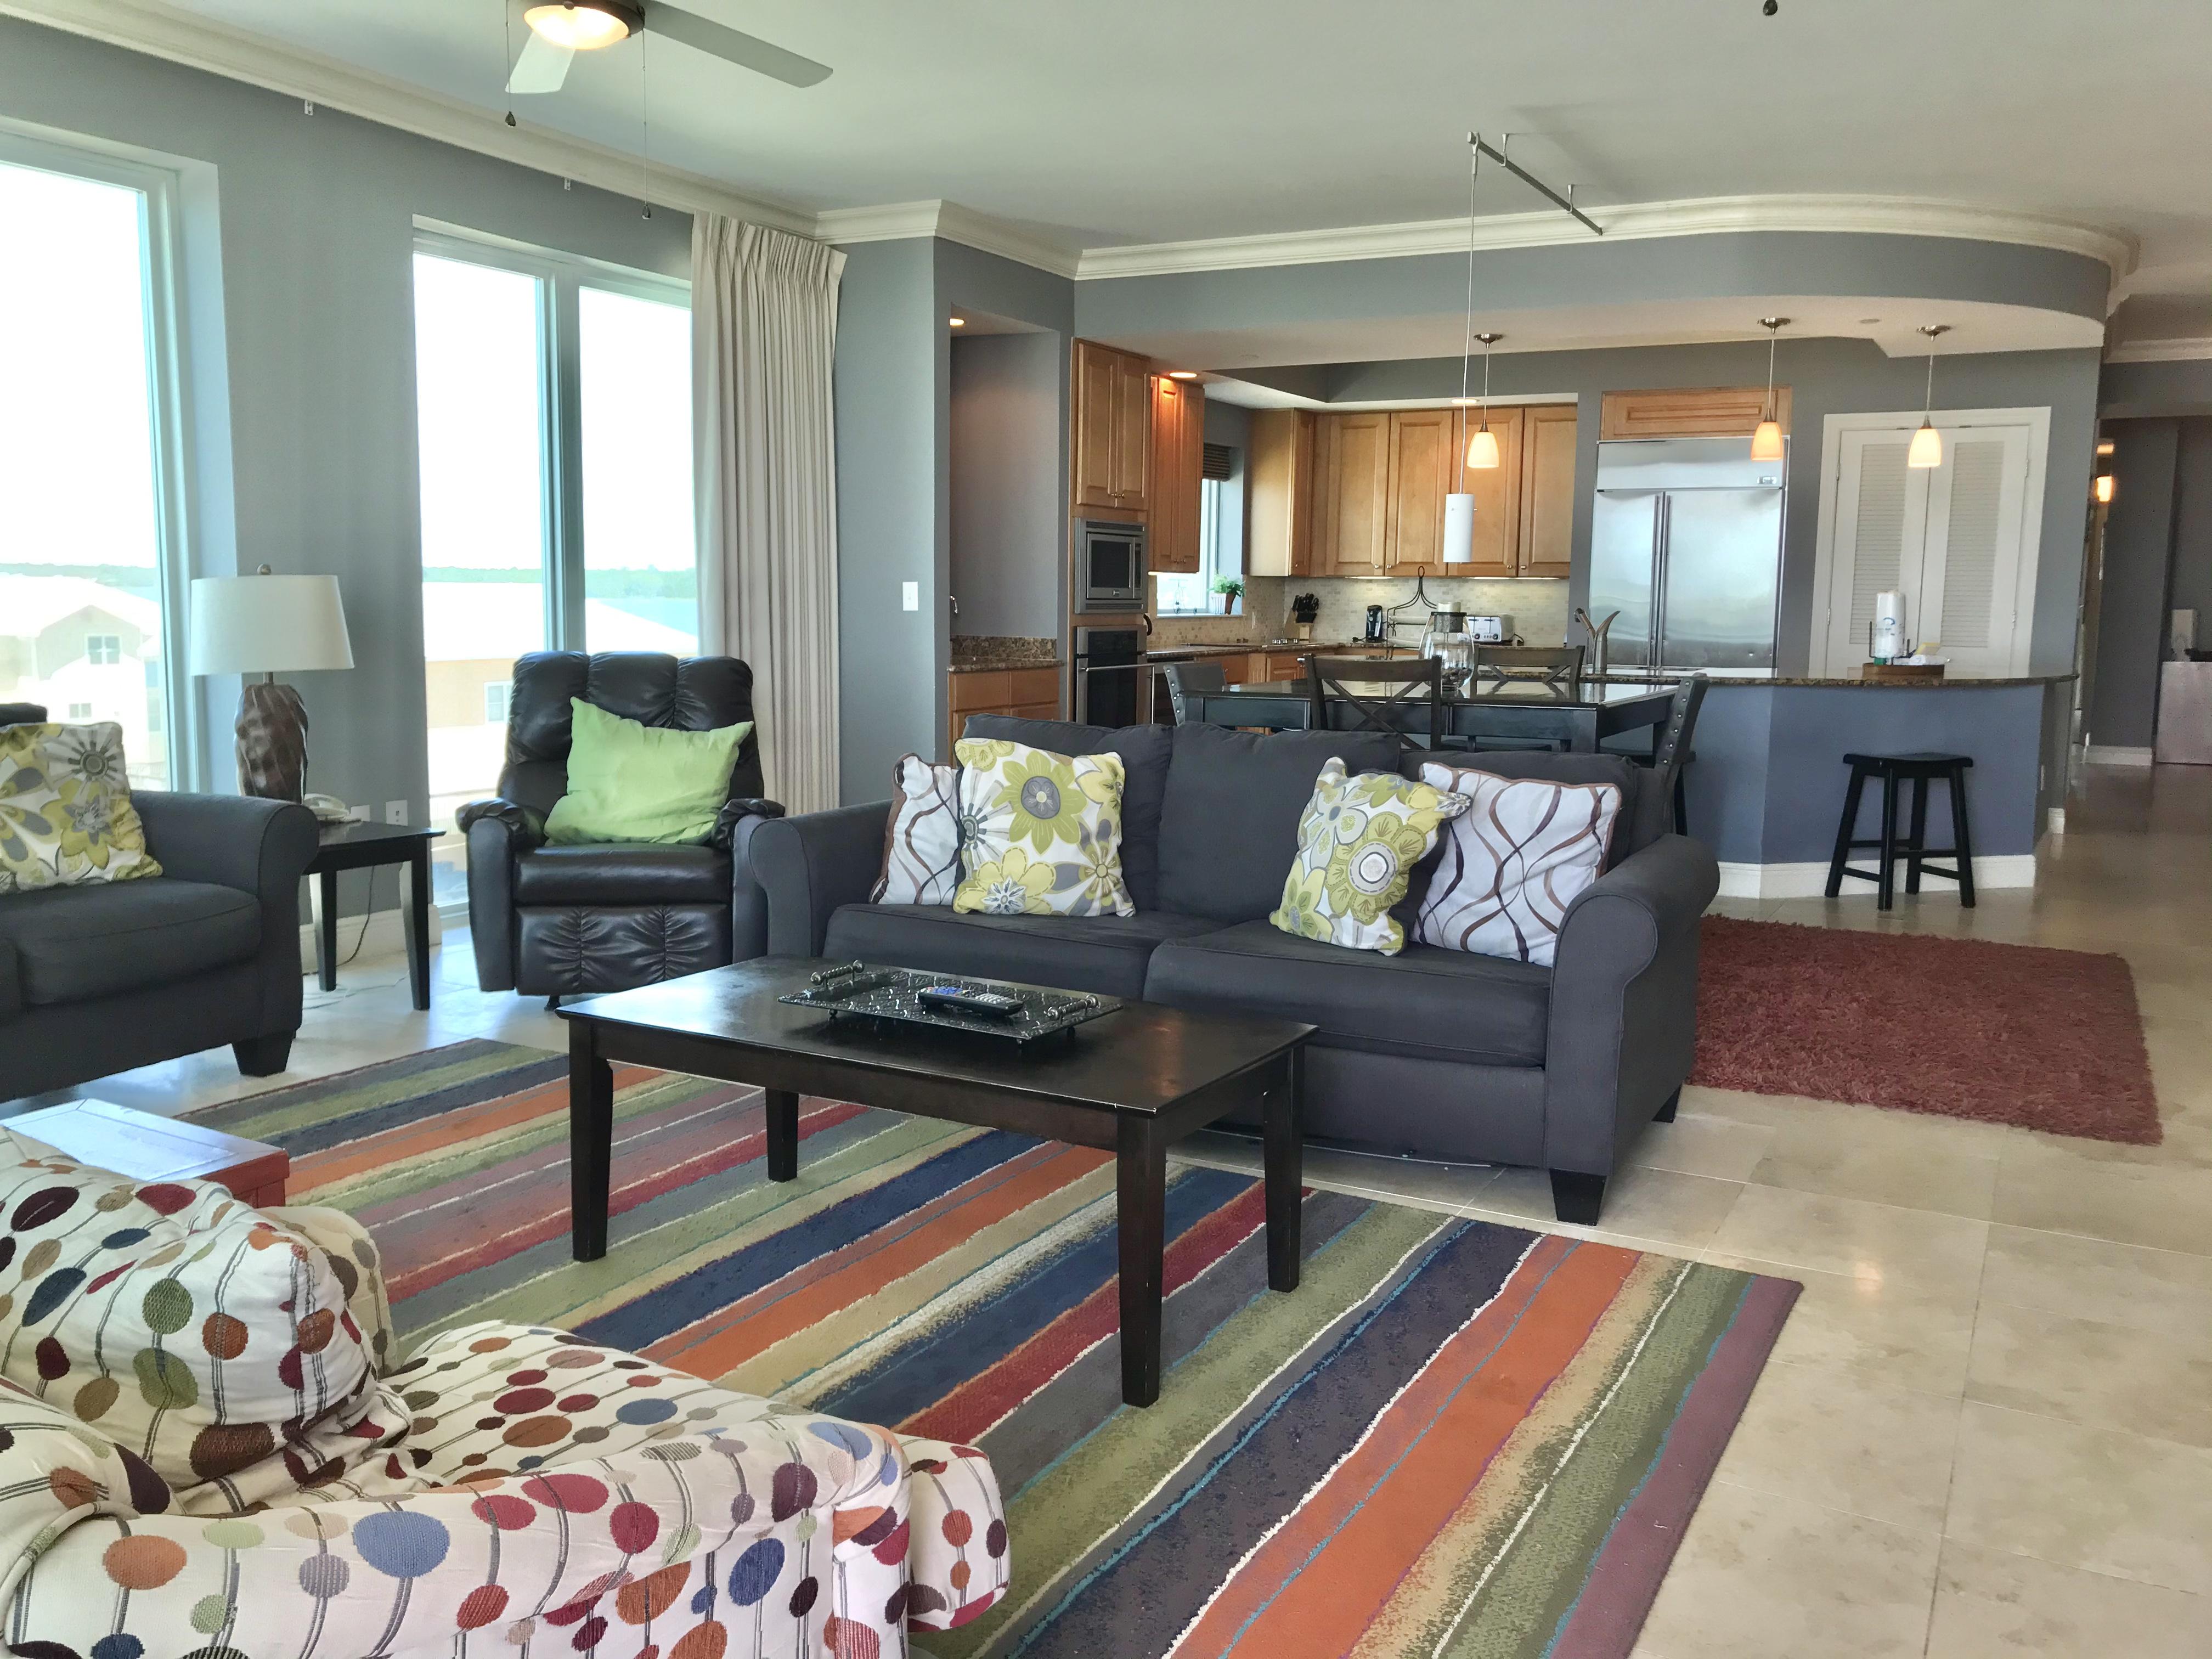 Mustique 401 Condo rental in Mustique in Gulf Shores Alabama - #8